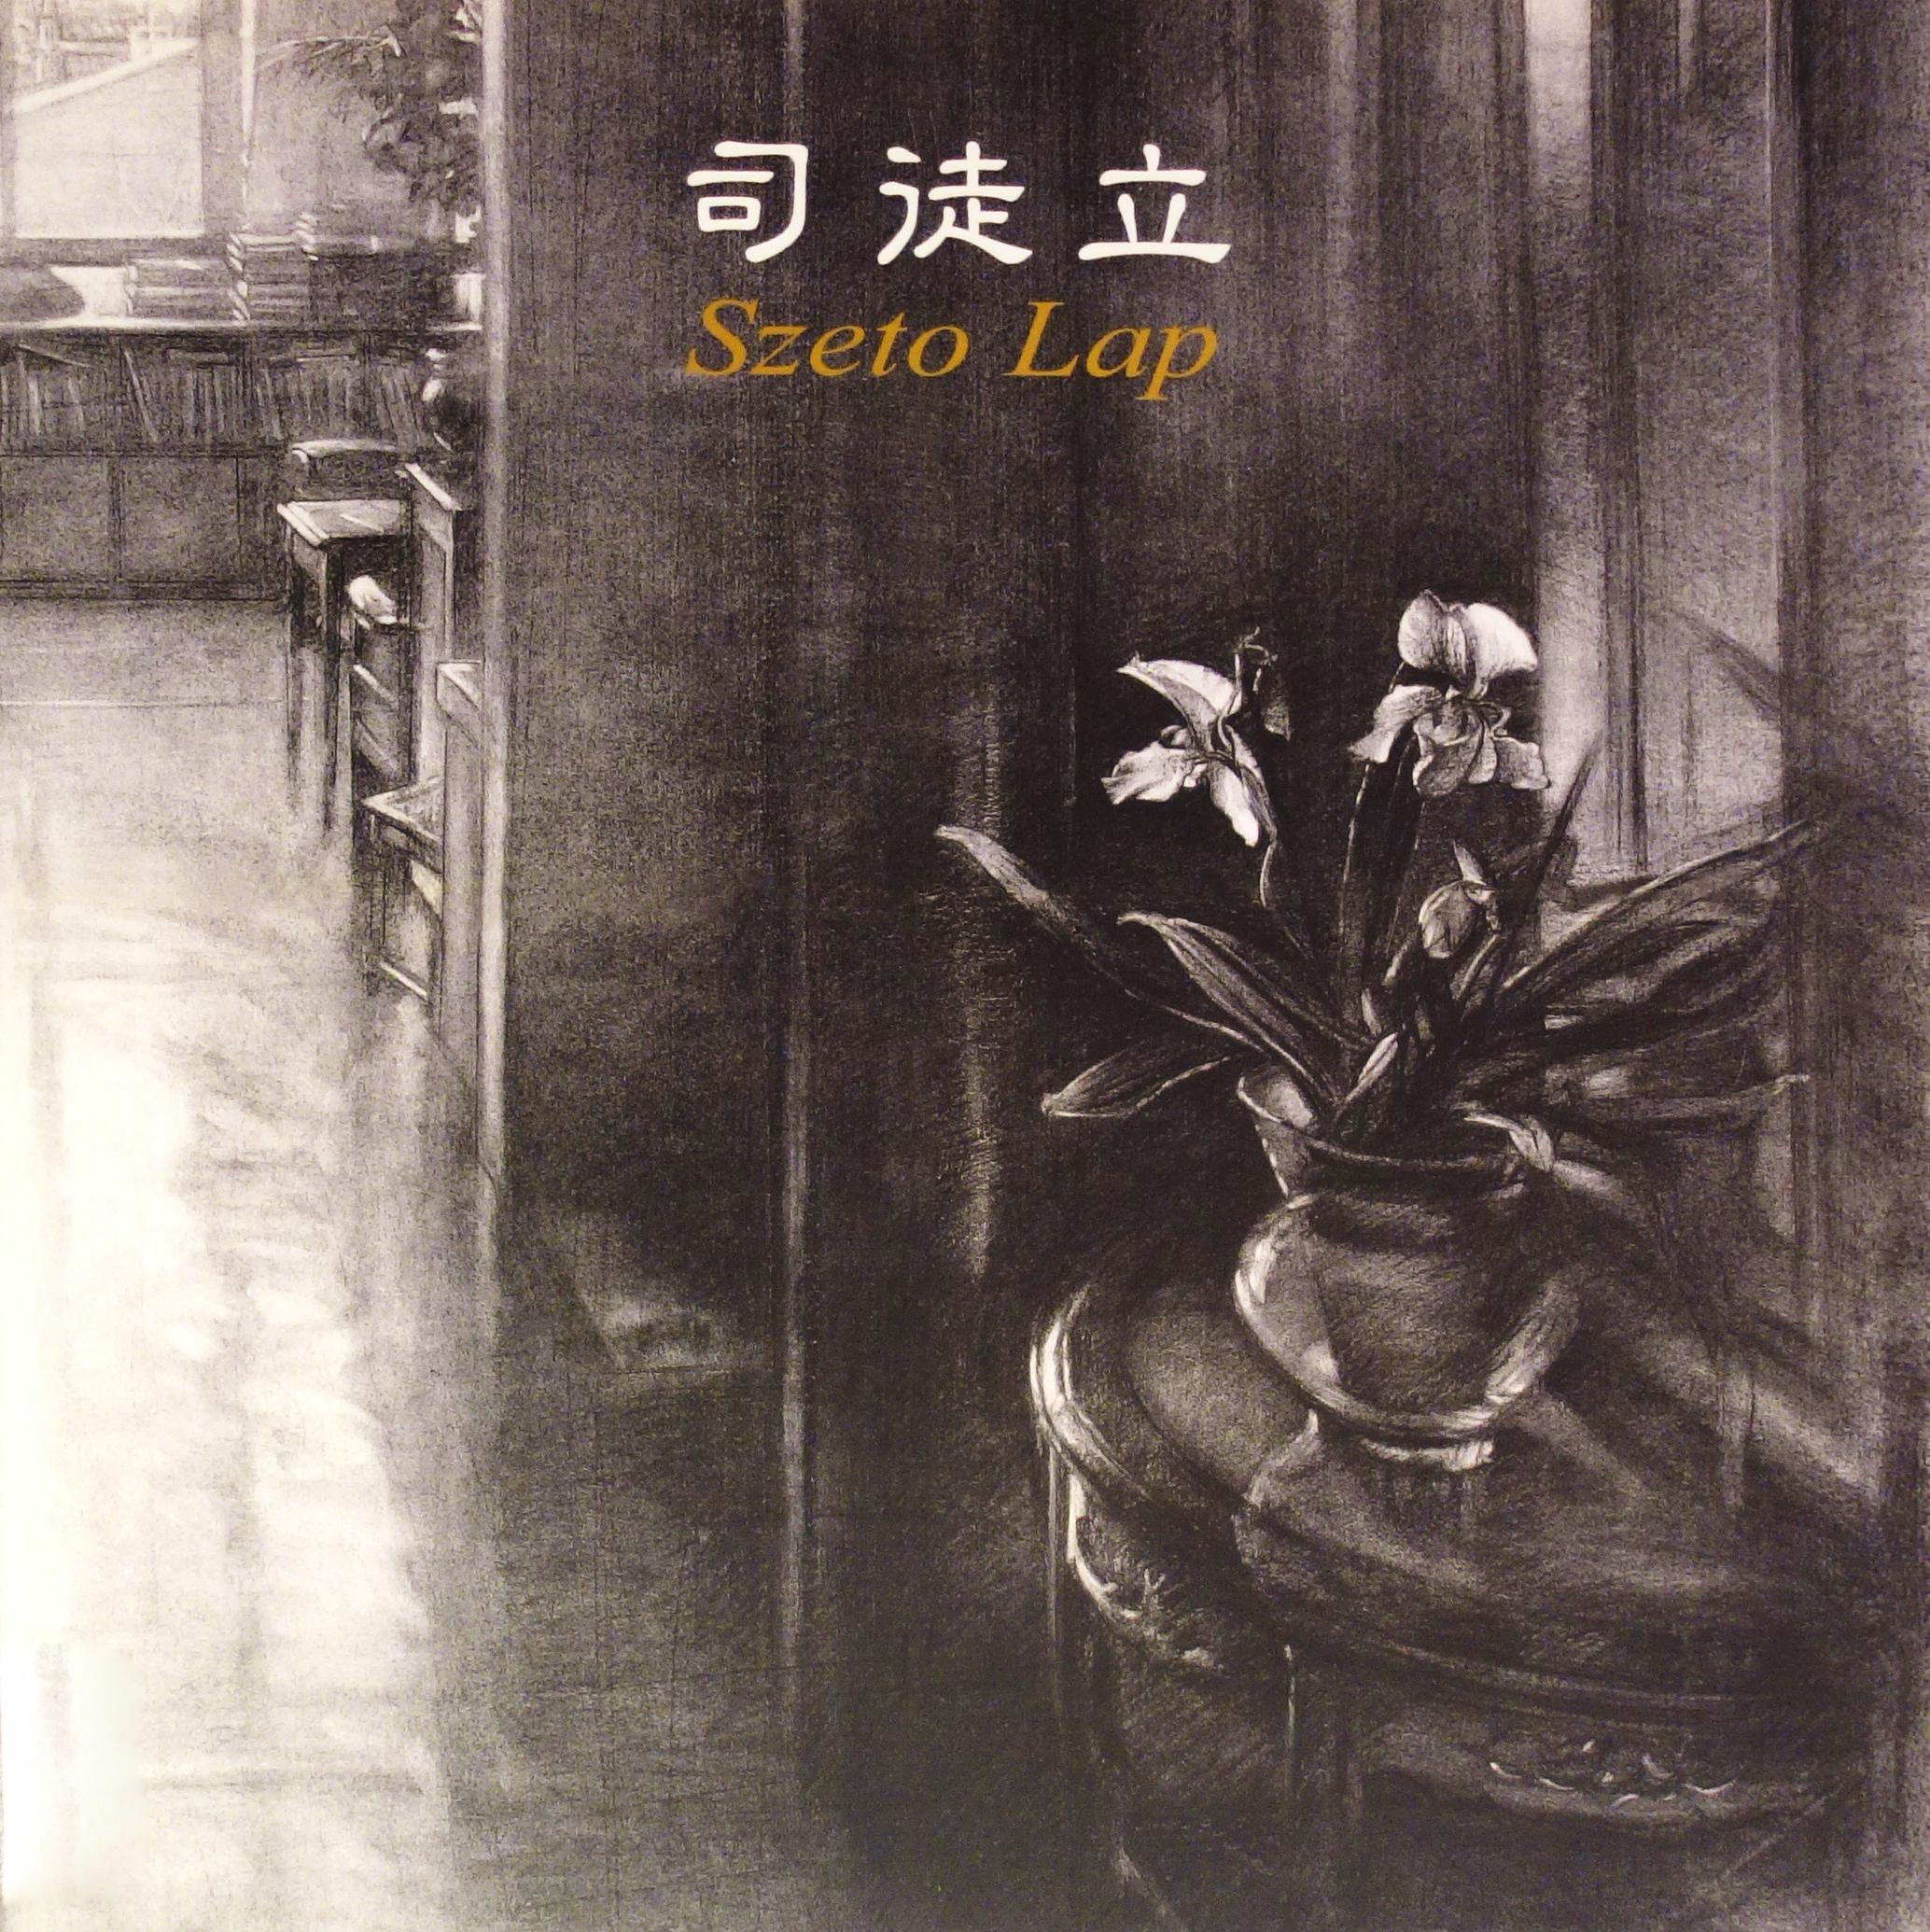 2005_2_Szeto Lap